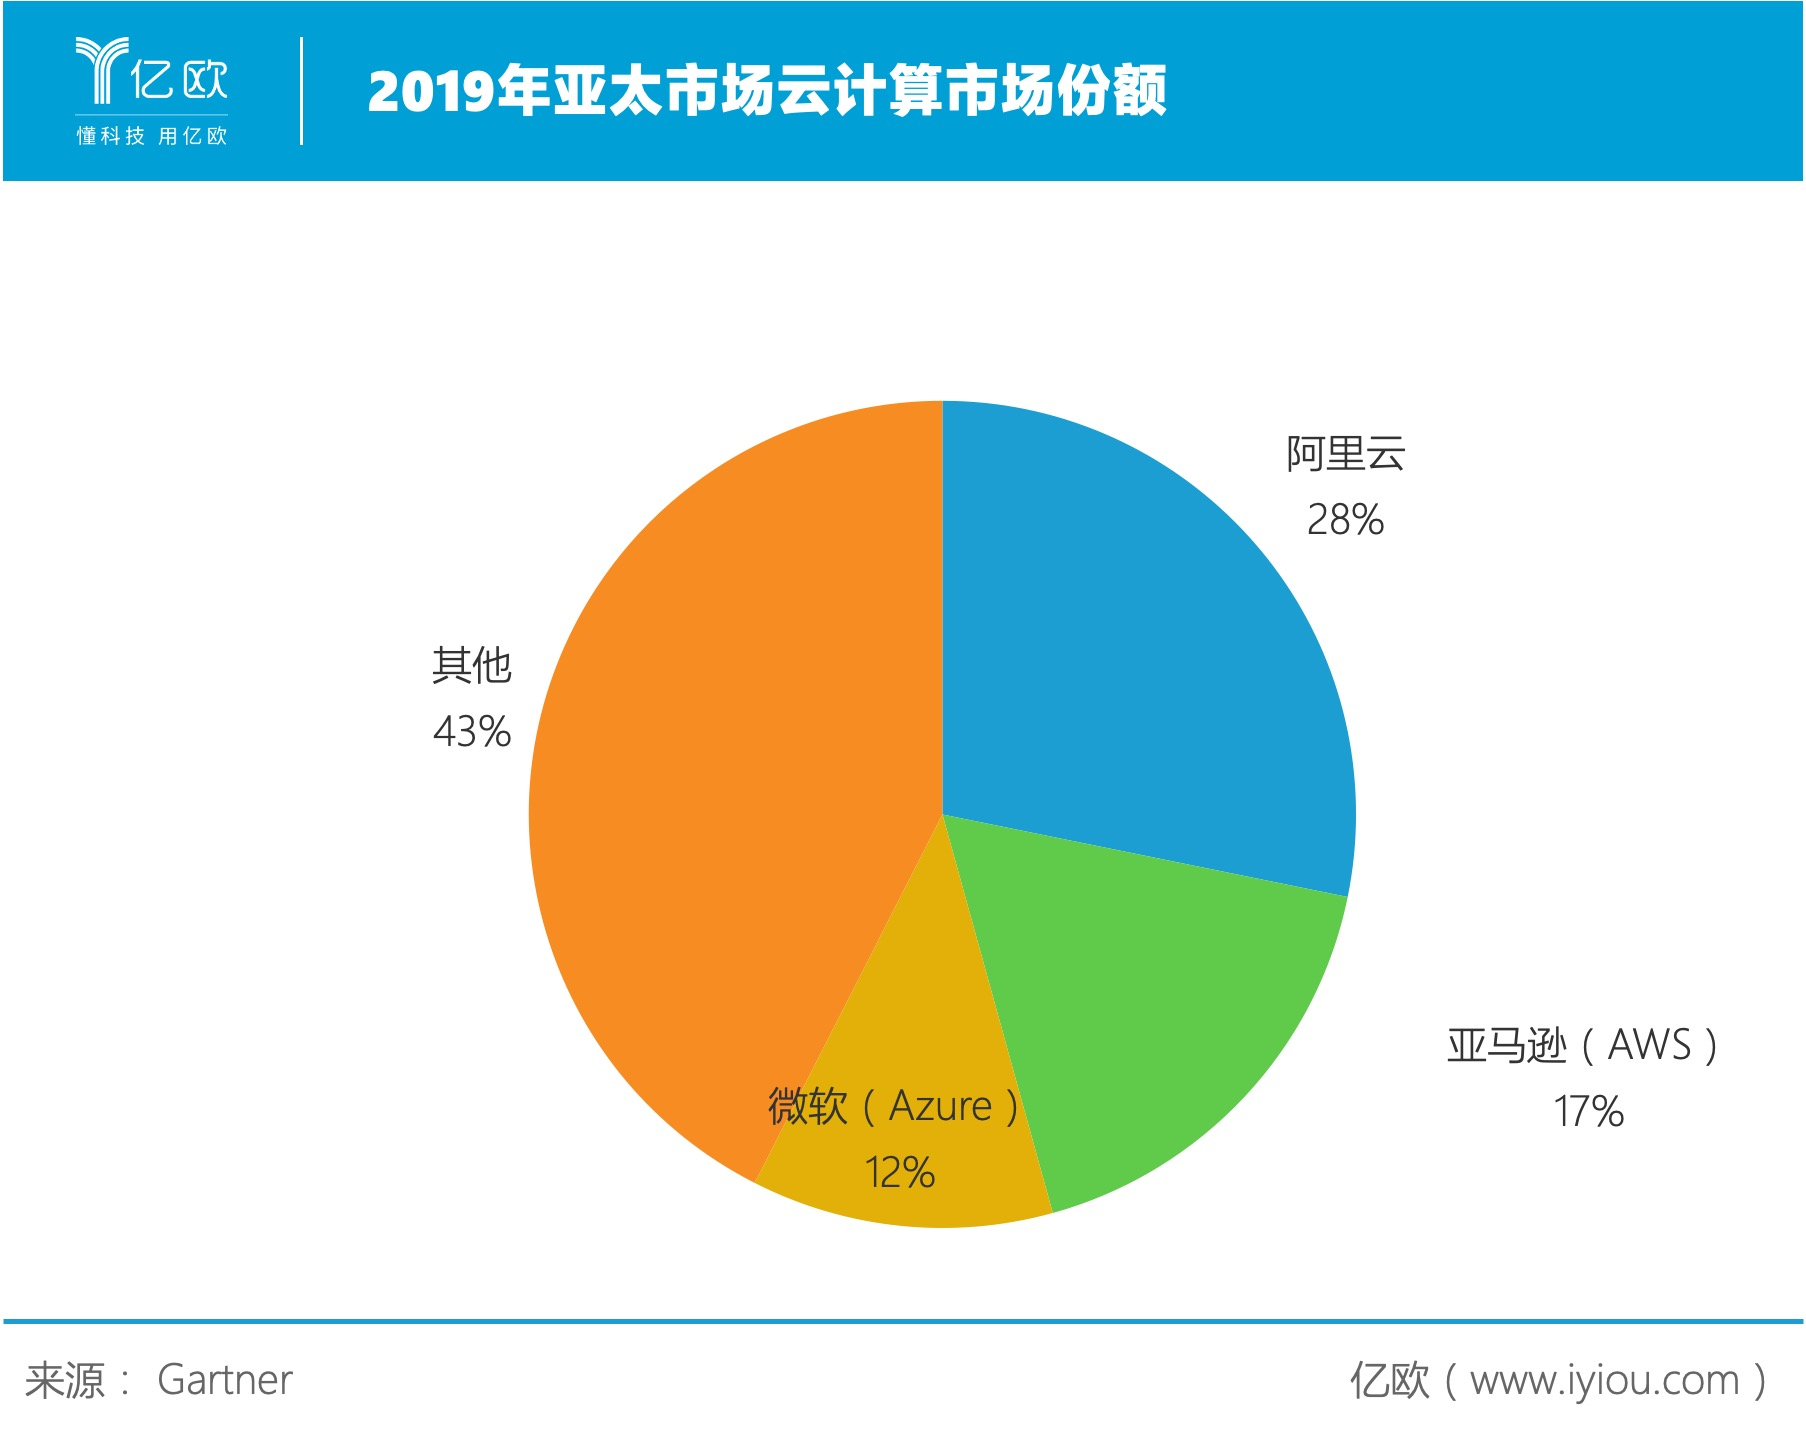 2019年亚太市场云计算市场份额